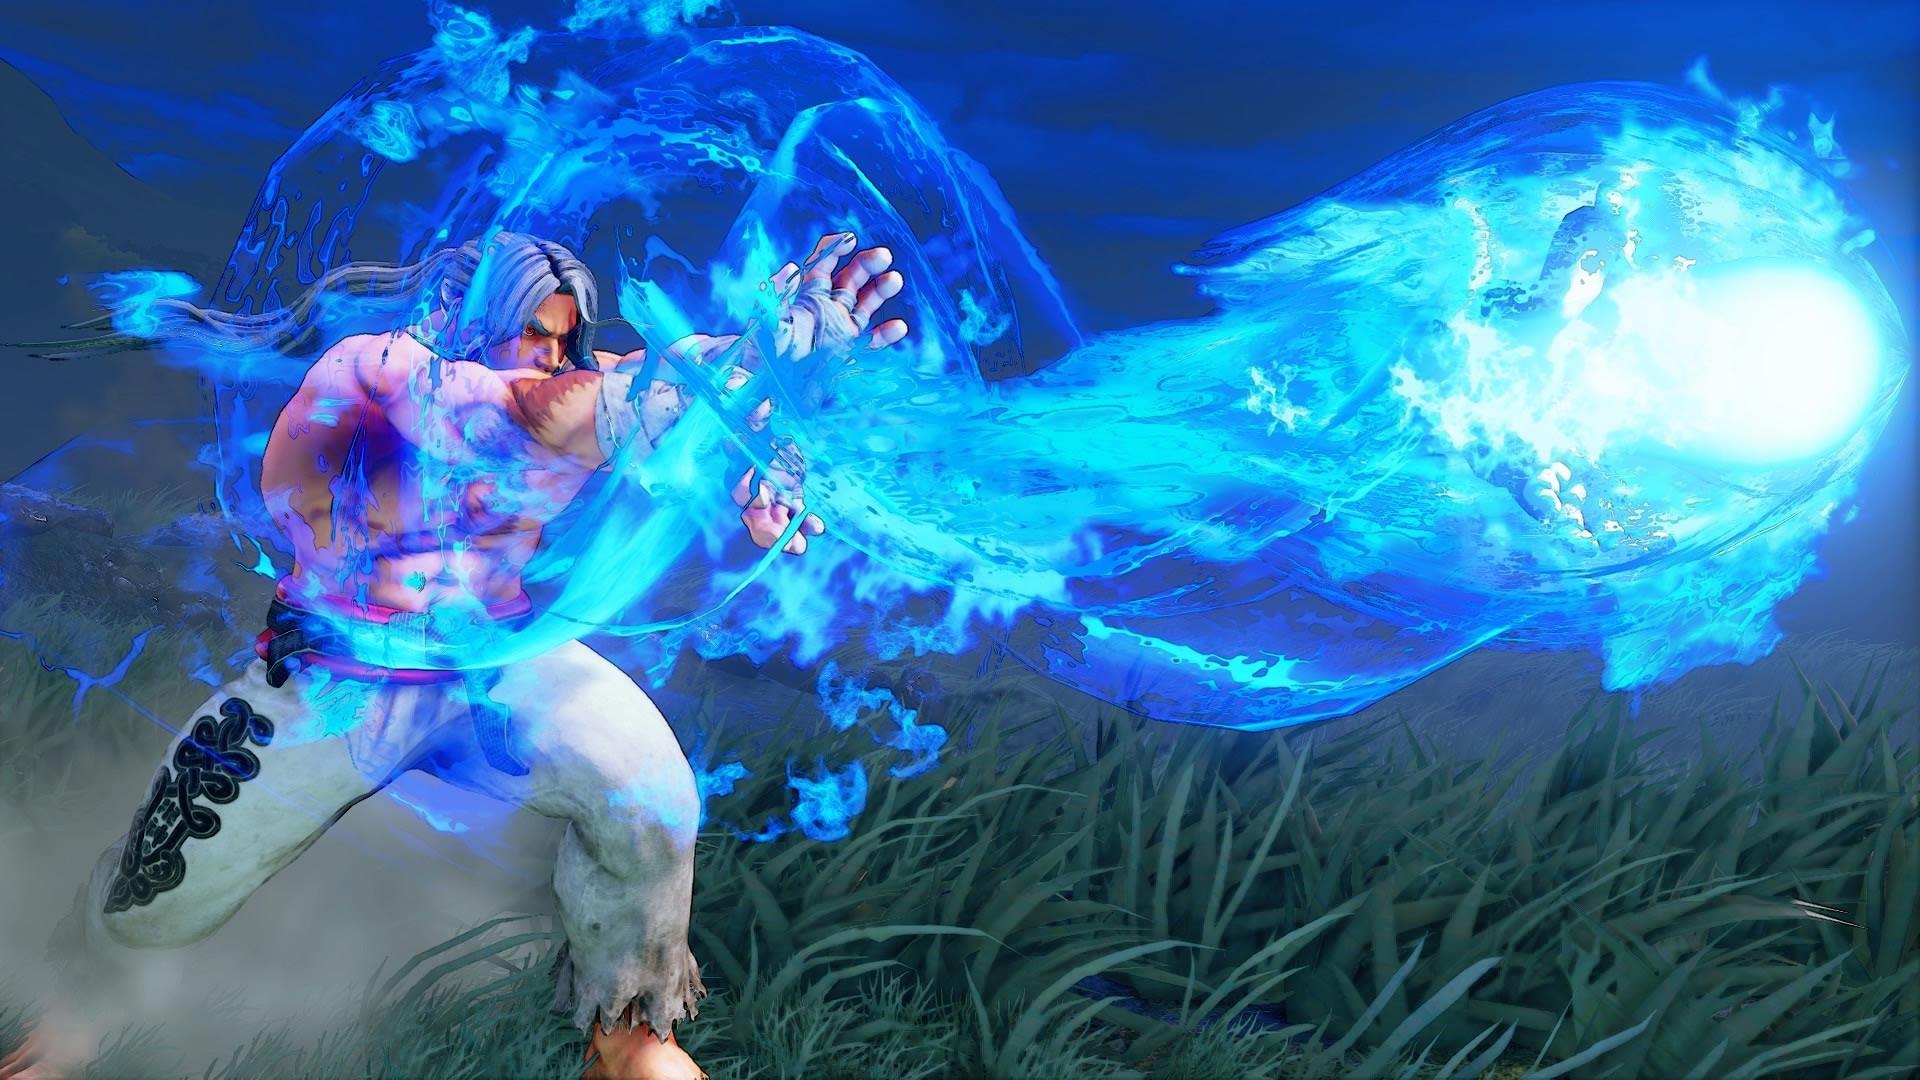 nouveau costume de Ryu dans Street Fighter 5 via une collaboration avec Fighting EX Layer